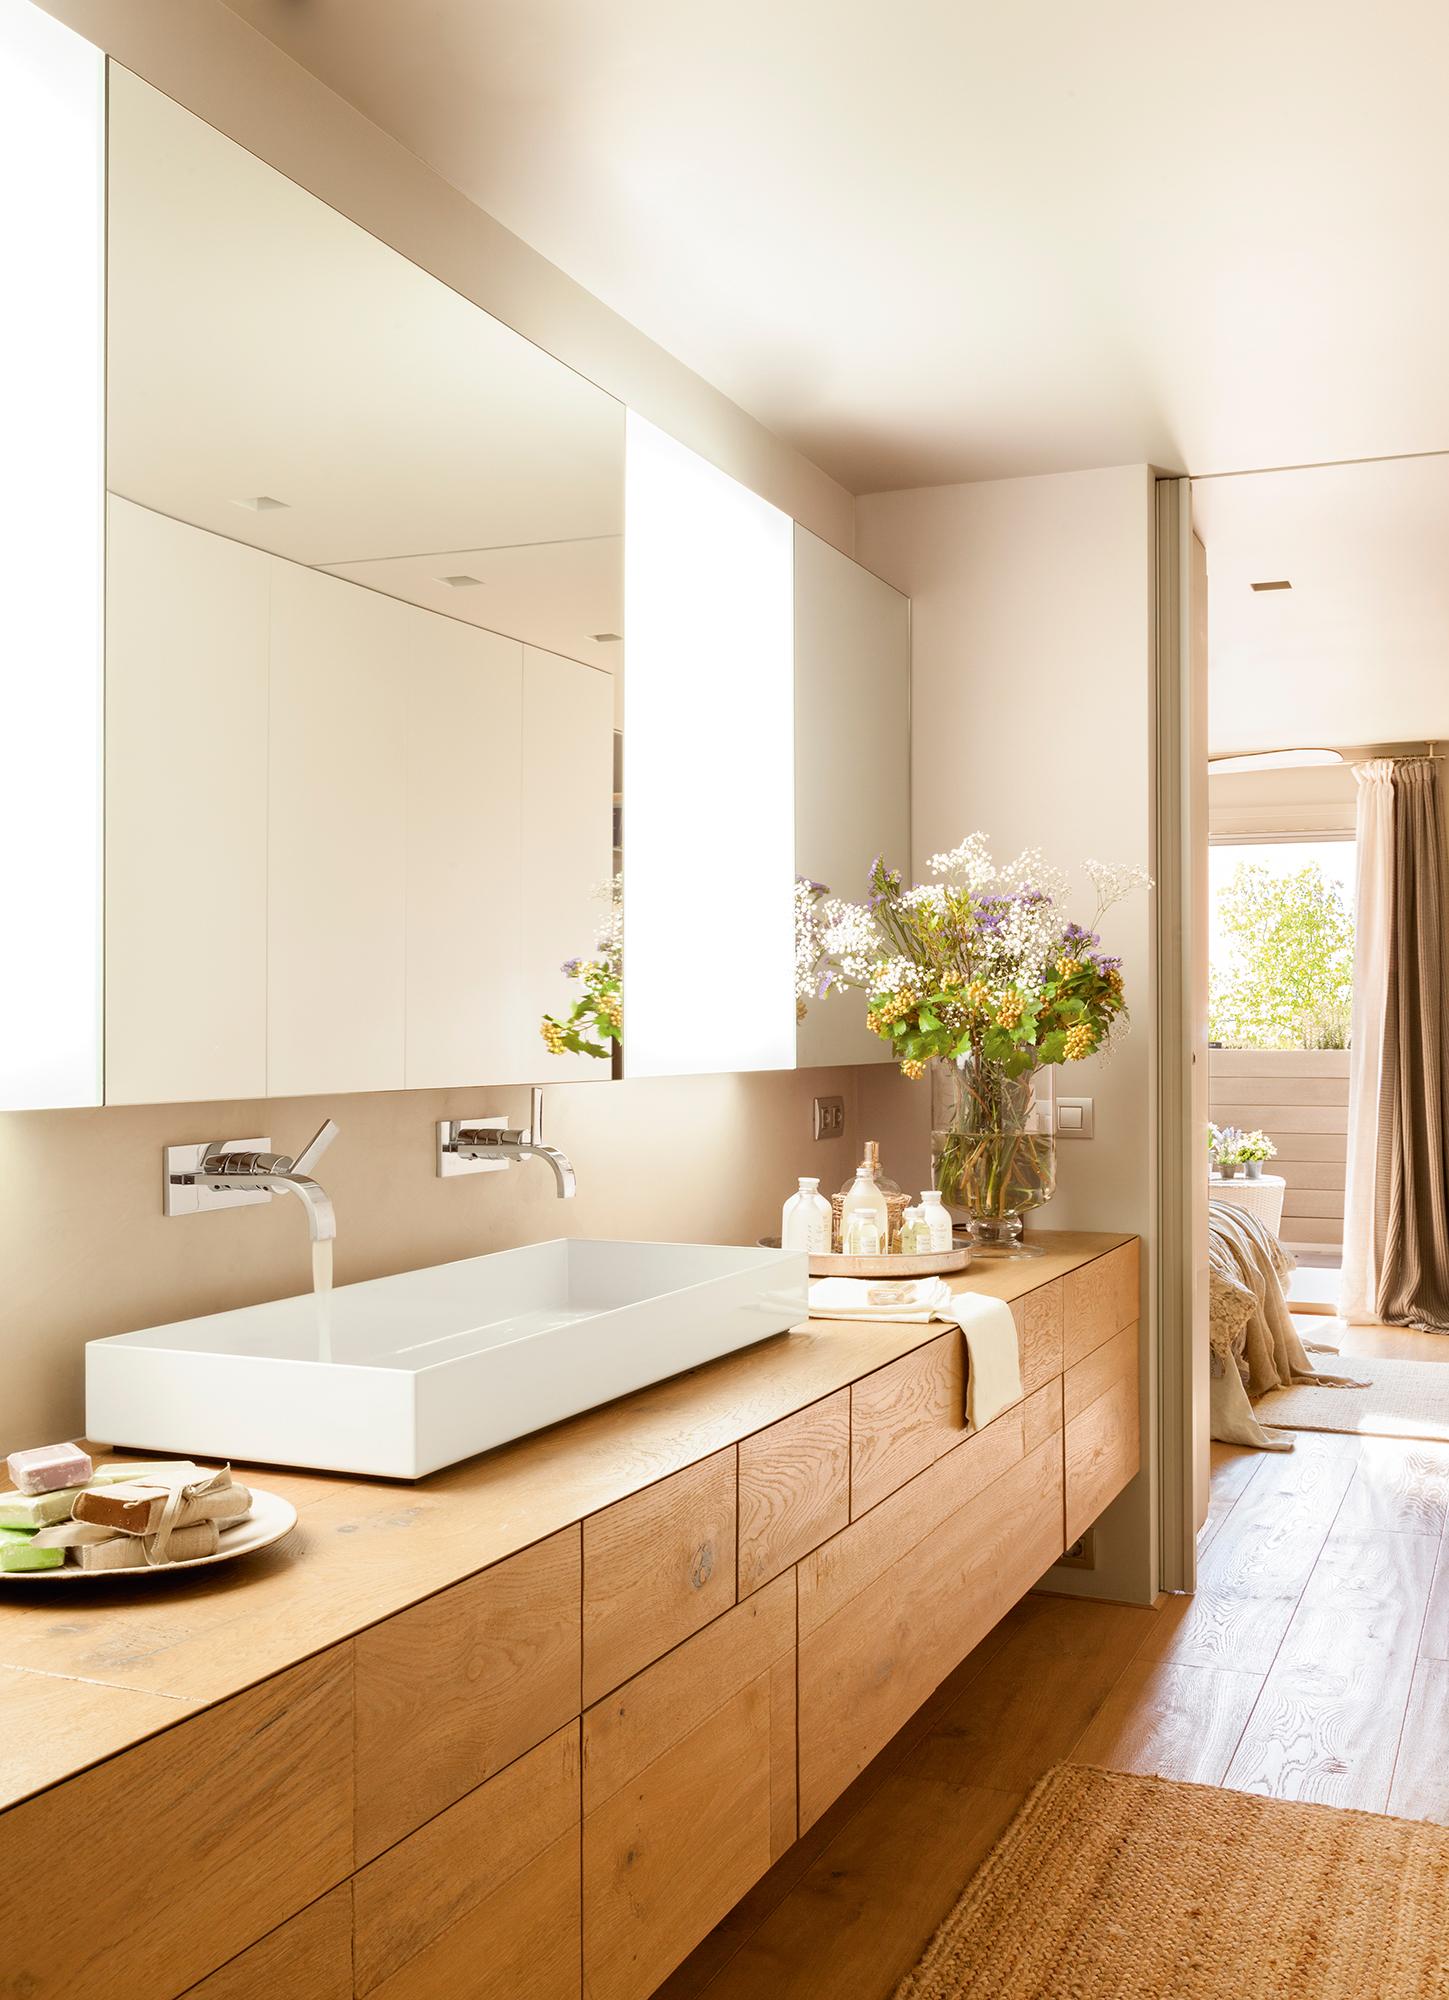 Sanitarios claves para elegir el lavamanos y el inodoro - Muebles para sanitarios ...